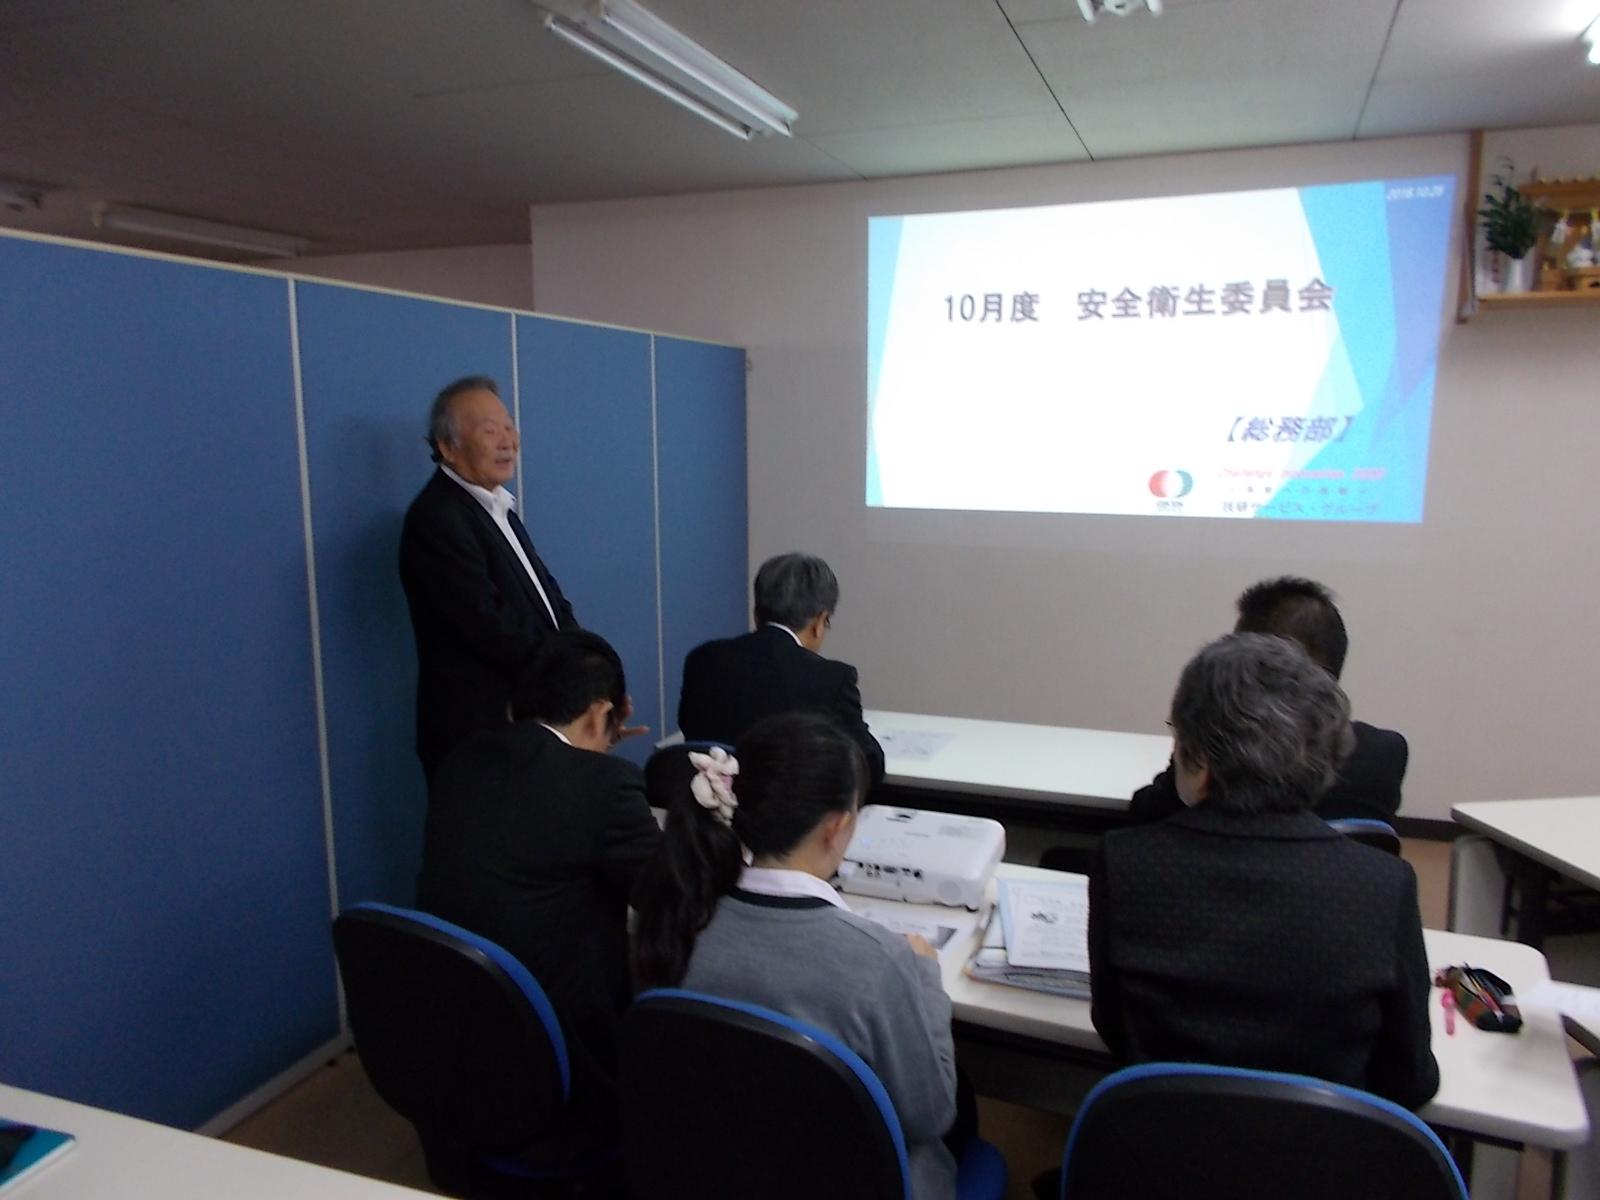 10月安全衛生委員会②.JPG